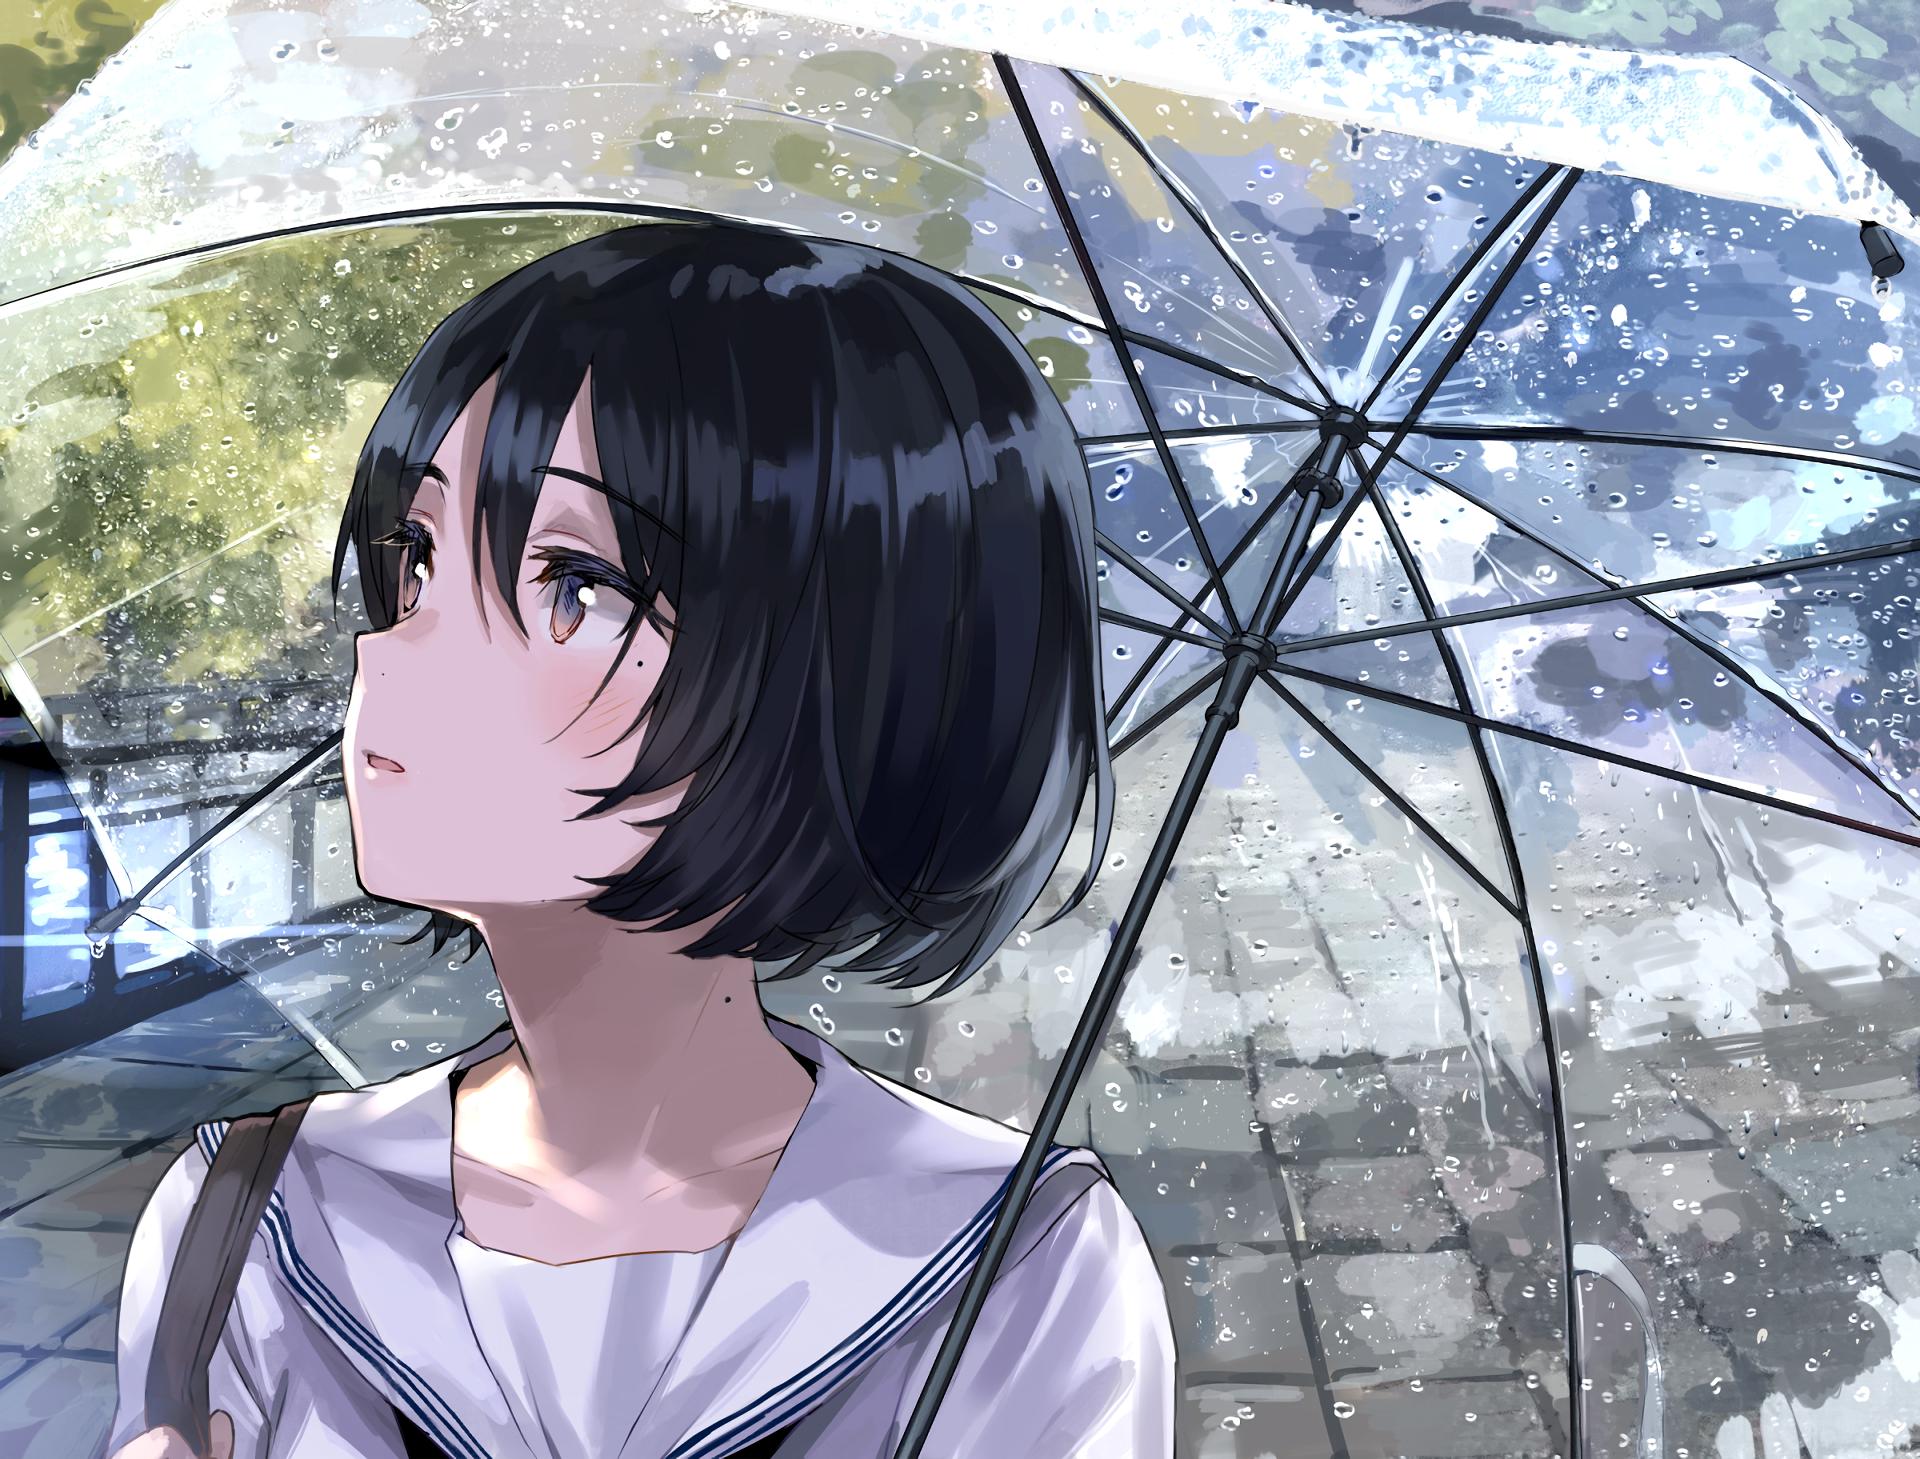 Anime Girl Short Hair Wallpapers Wallpaper Cave